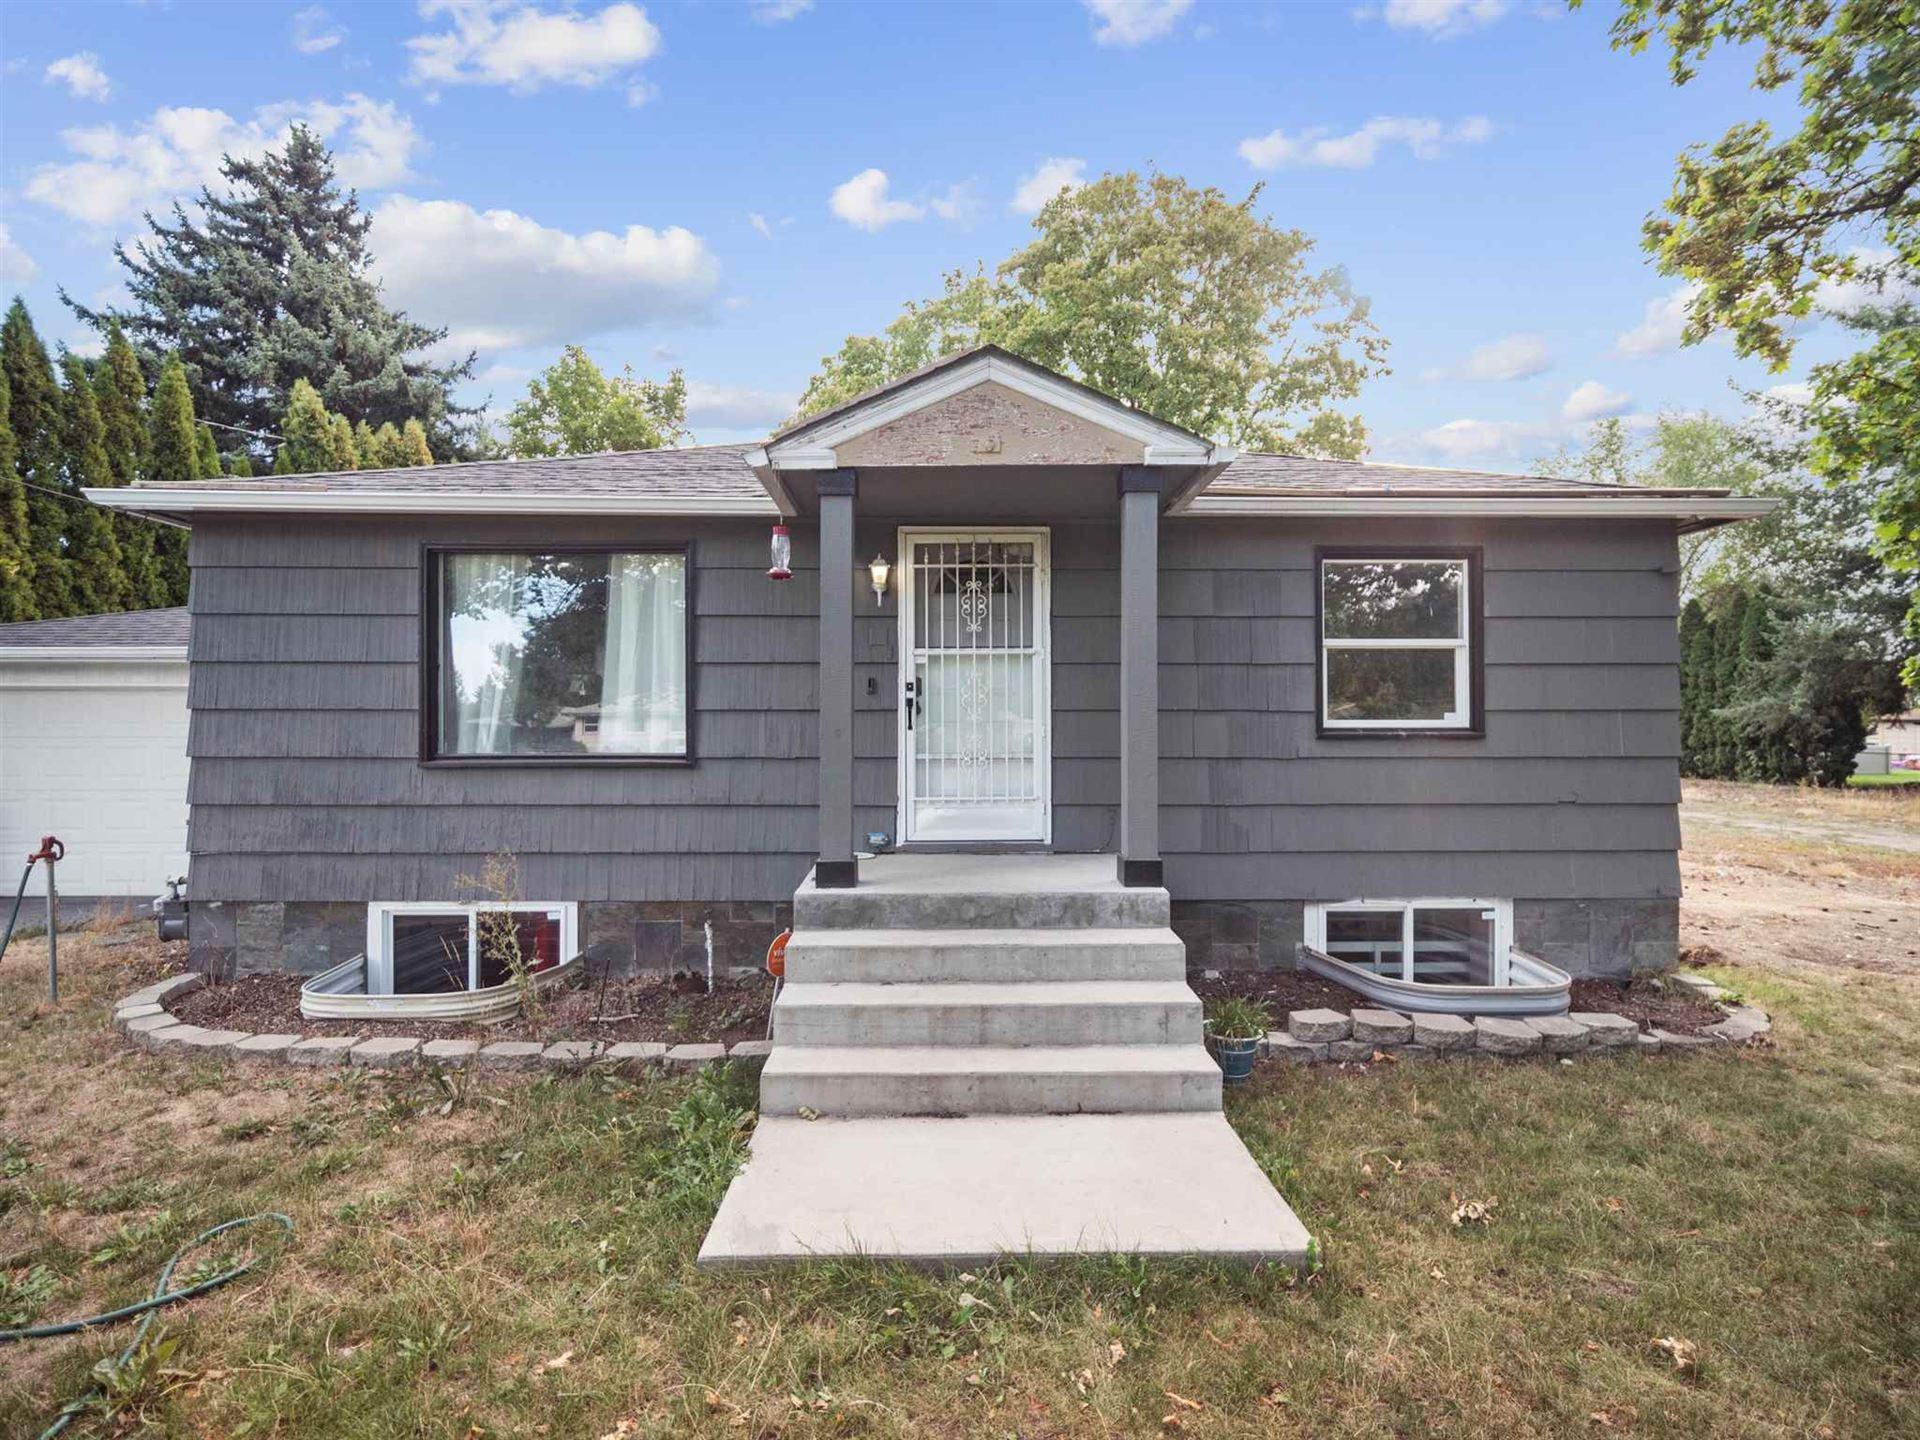 1623 S Blake Rd, Spokane Valley, WA 99216 - #: 202122524